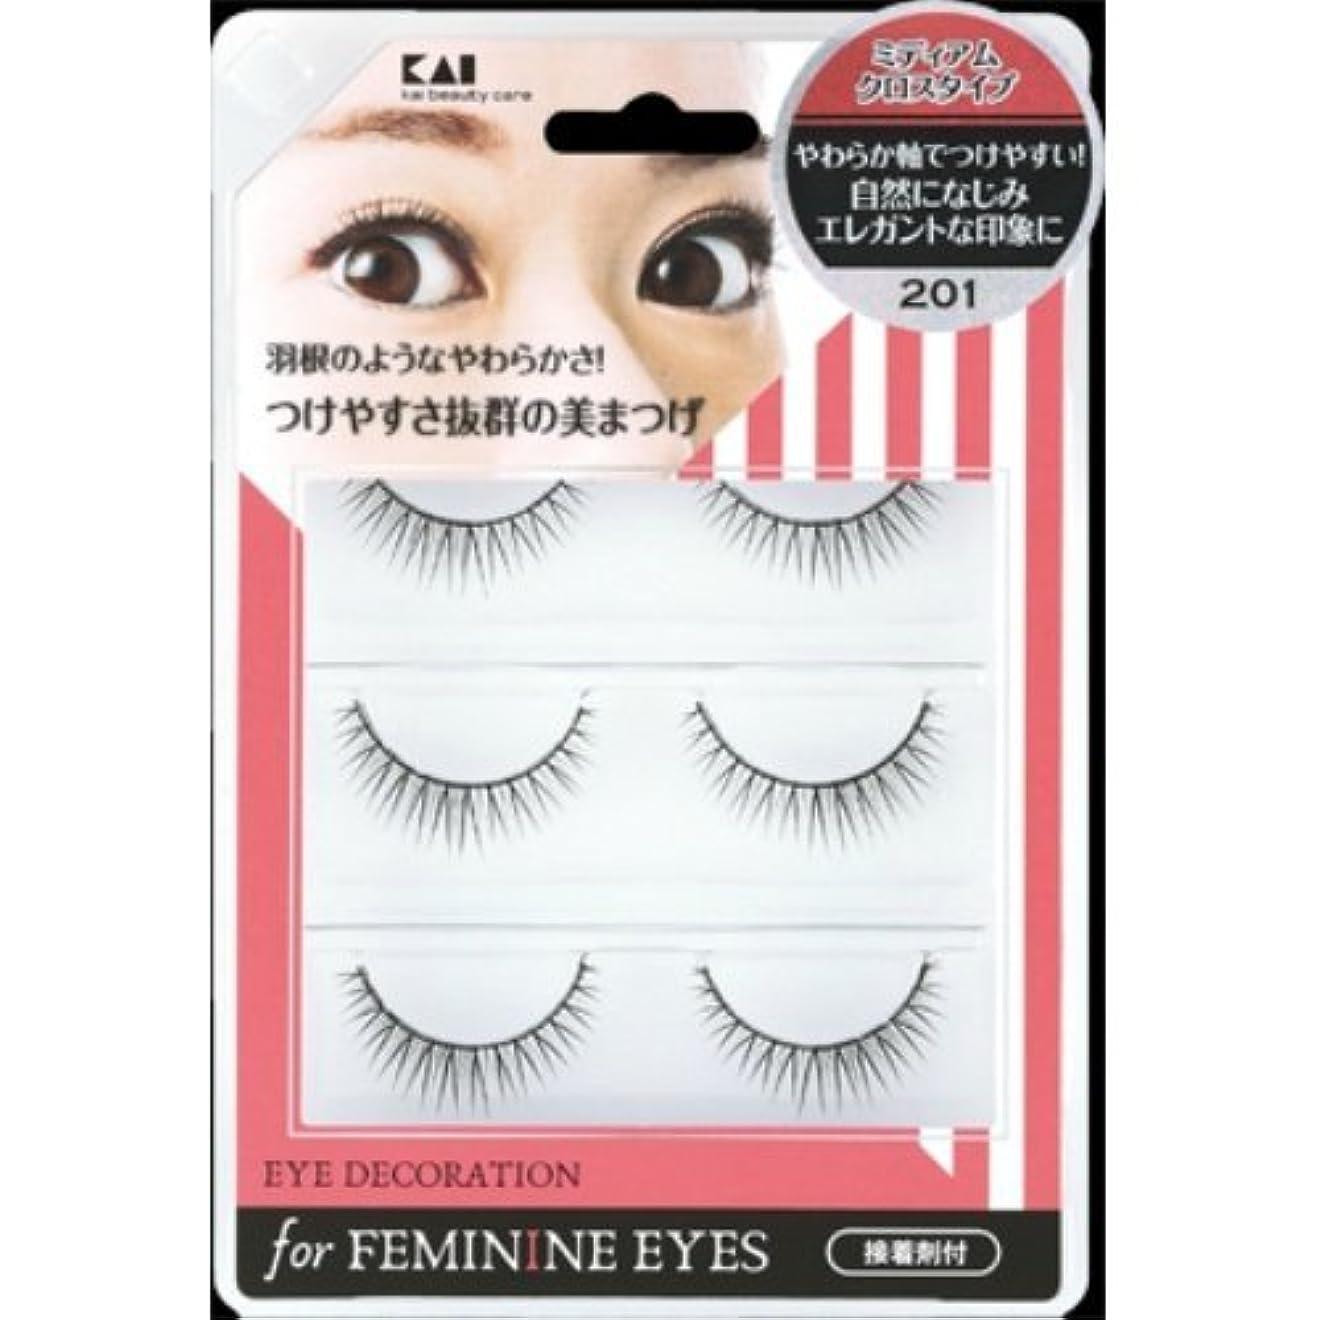 自明不毛遺伝子貝印 アイデコレーション for feminine eyes 201 HC1558